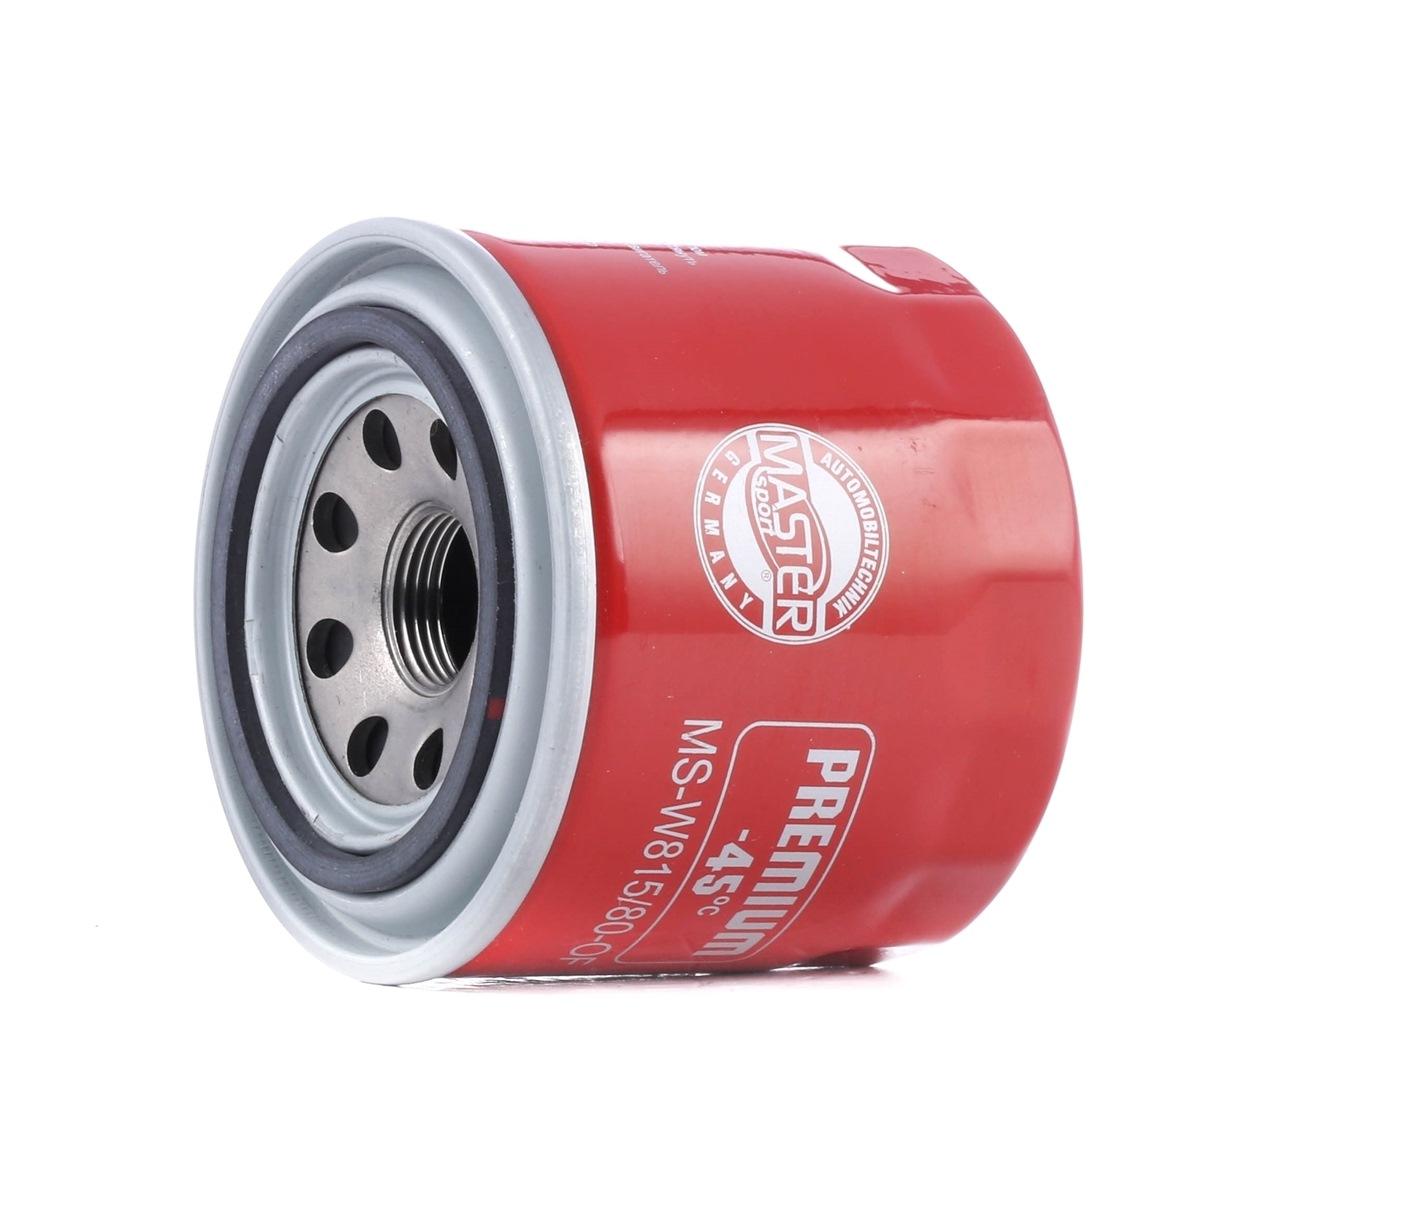 440815800 MASTER-SPORT Filtereinsatz, mit einem Rücklaufsperrventil Innendurchmesser 2: 57mm, Innendurchmesser 2: 57mm, Ø: 82mm, Außendurchmesser 2: 65mm, Höhe: 74mm Ölfilter 815/80-OF-PCS-MS günstig kaufen